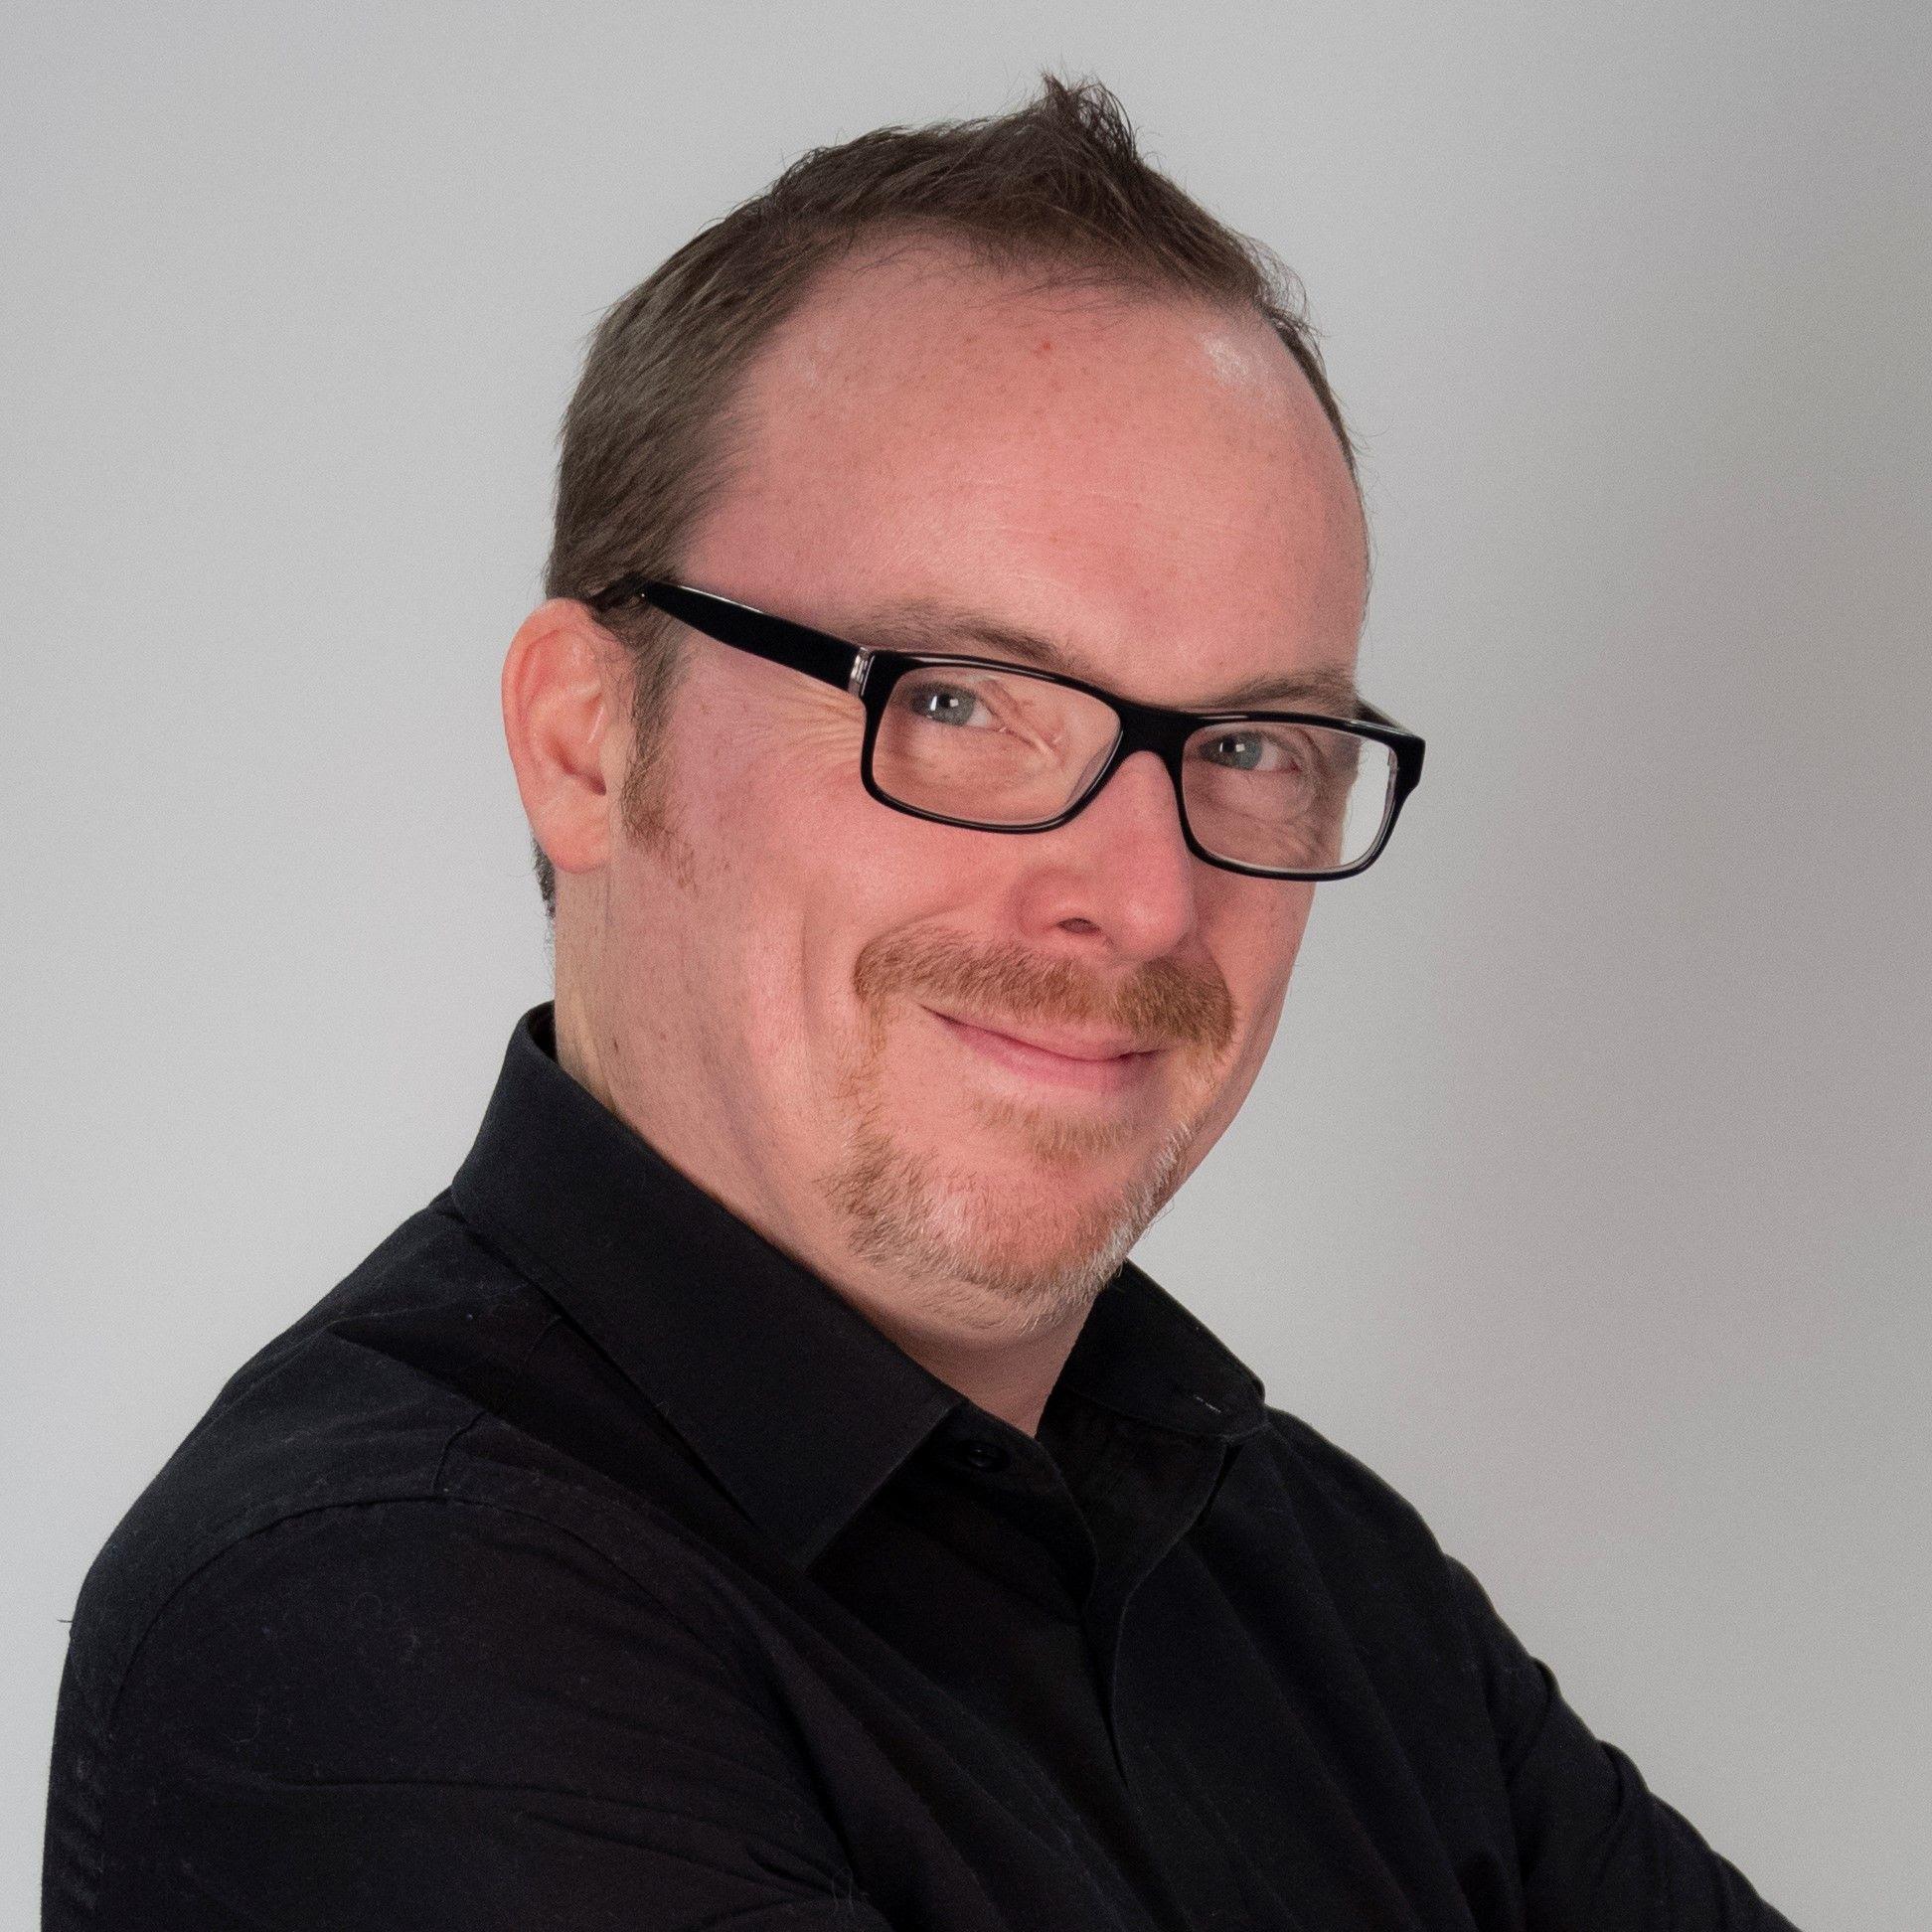 John McGregor will take you through Sennheiser's pro headphone portfolio